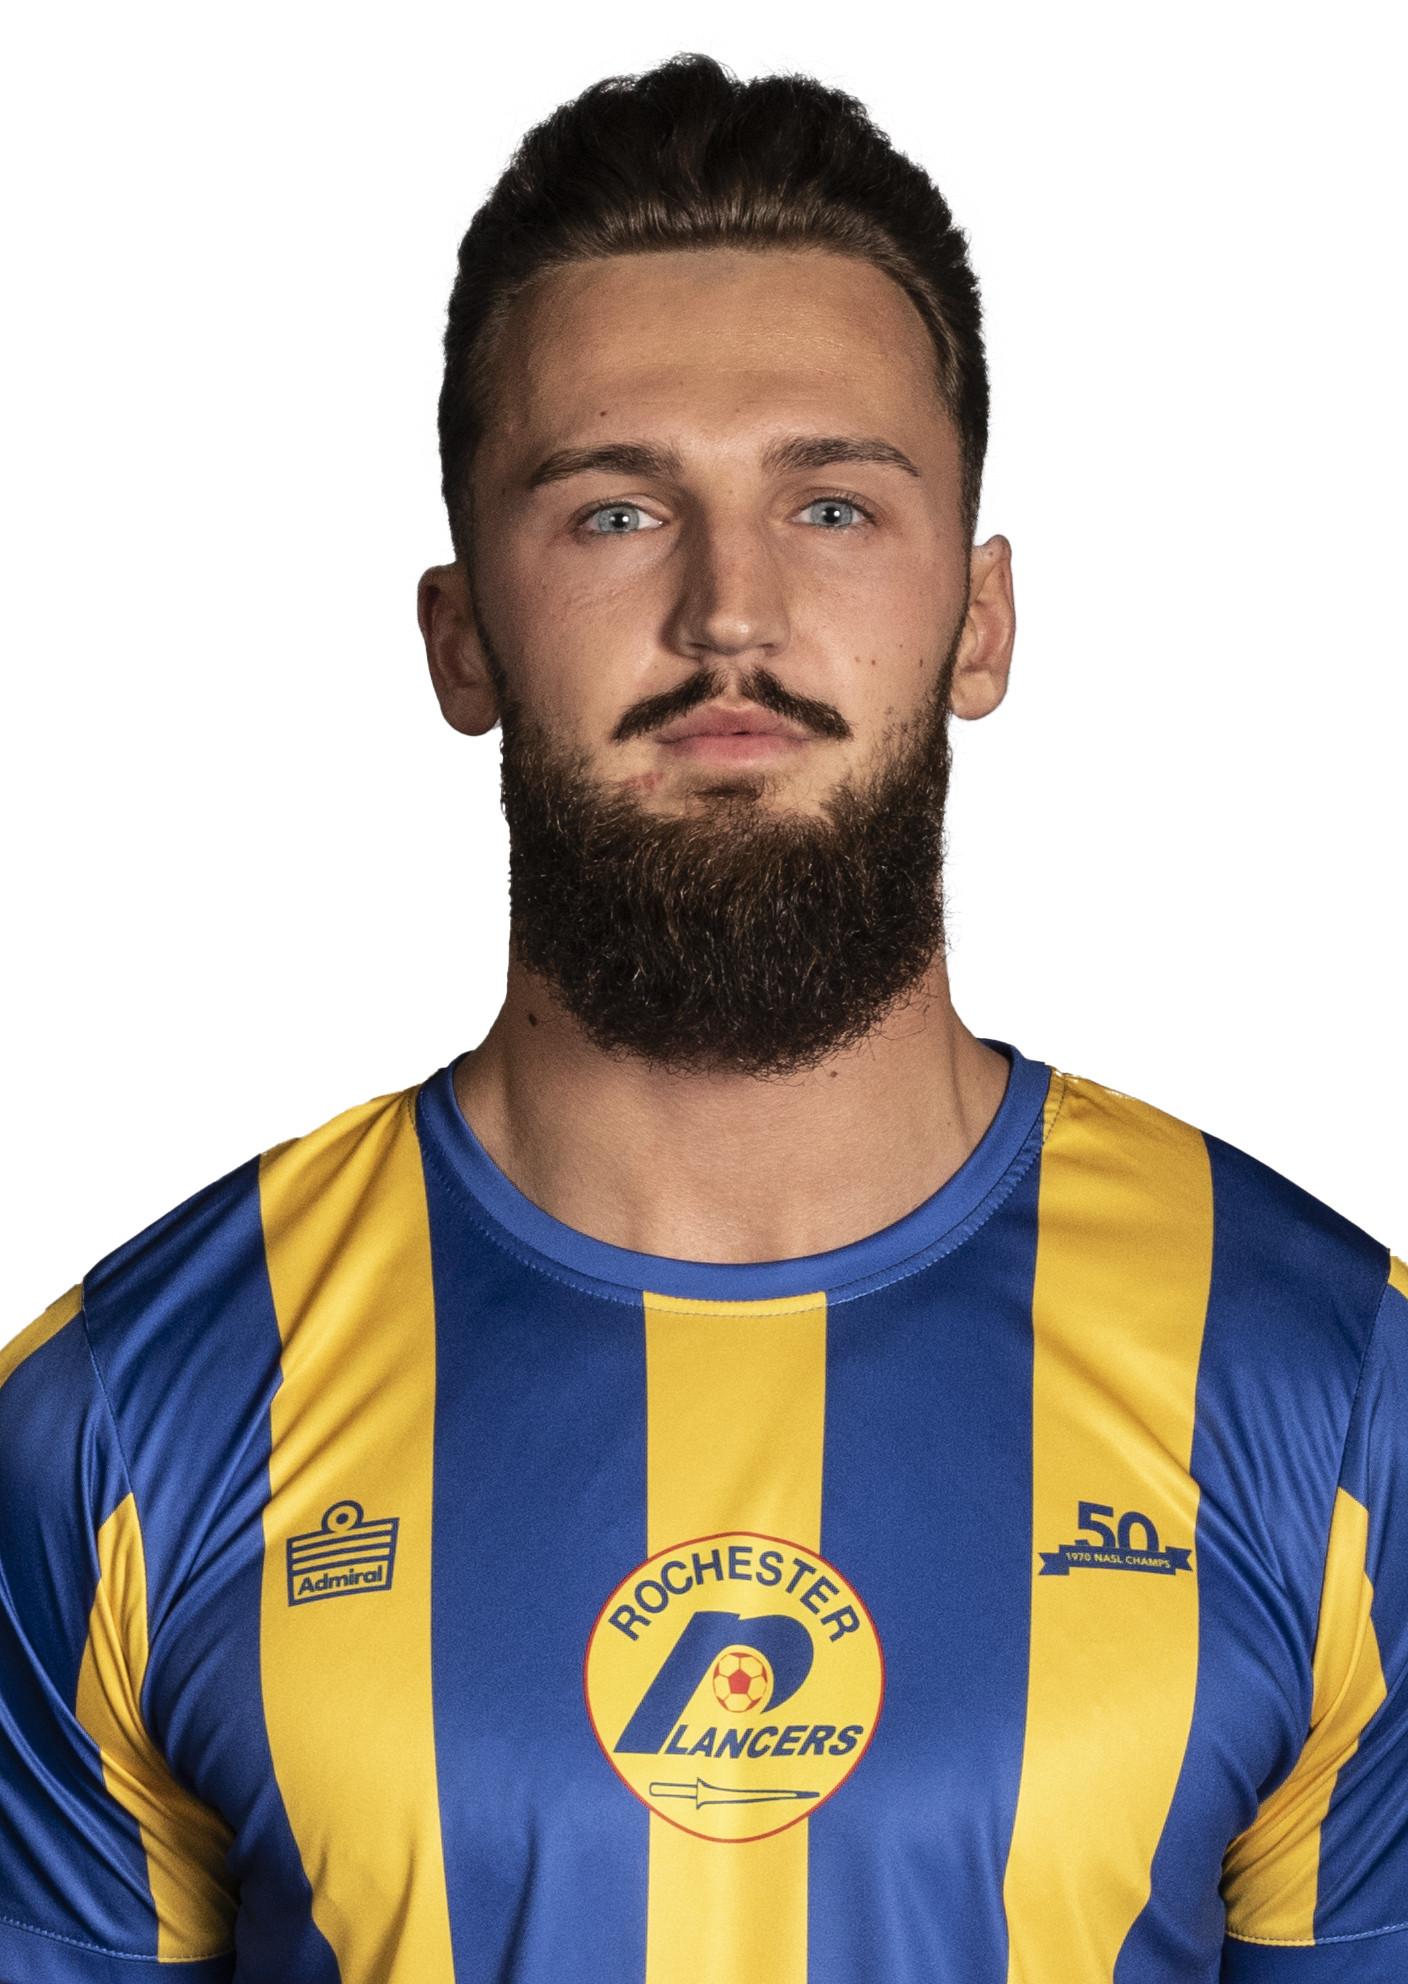 Andriy Demydiv